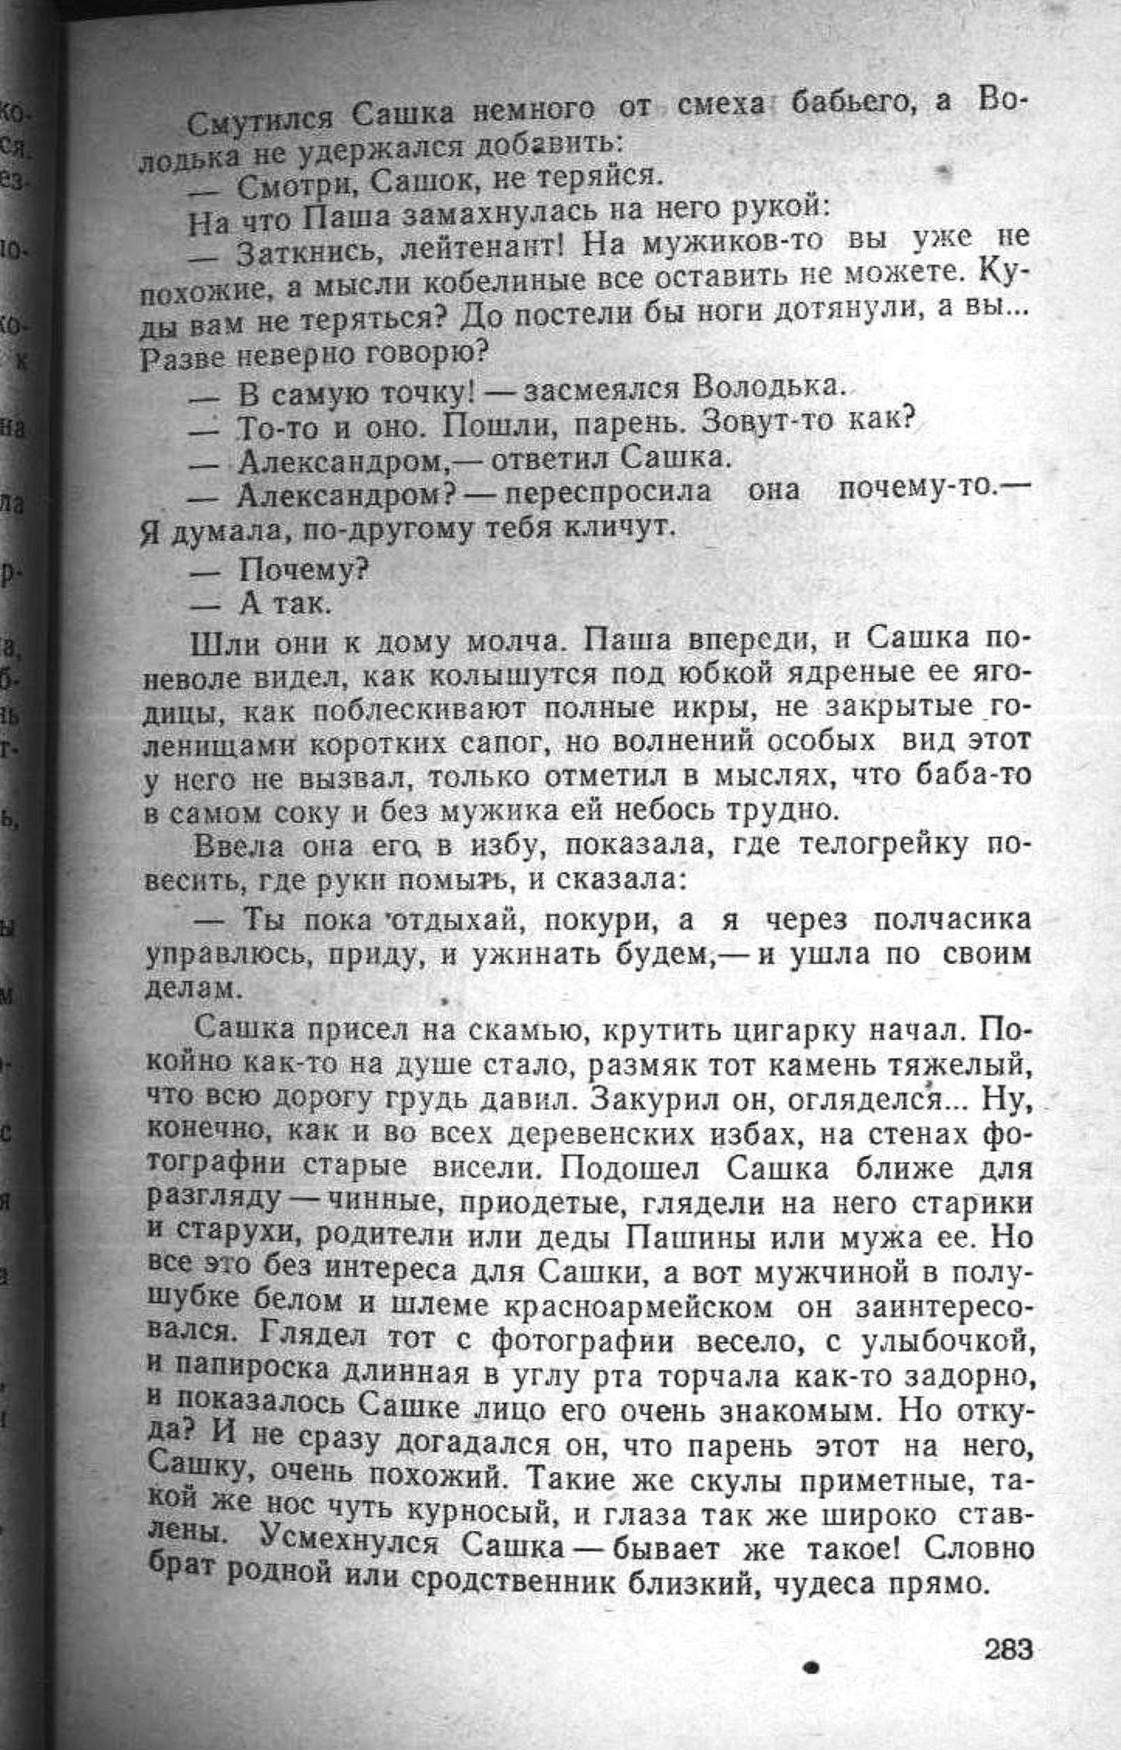 Сашка. Повесть. Вячеслав Кондратьев. 016. 004